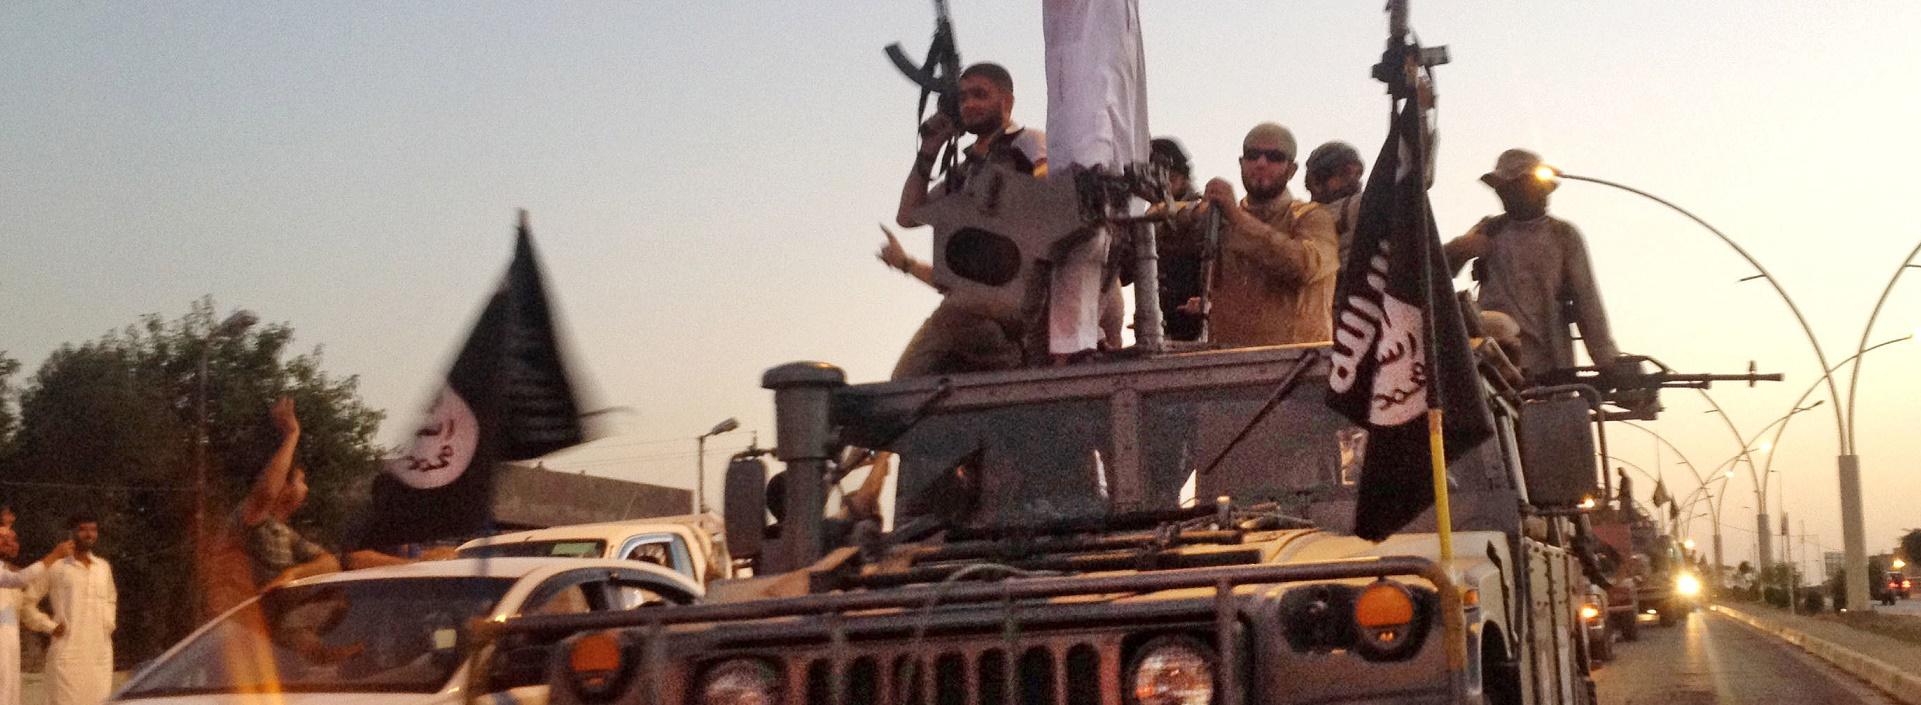 Ostateczny atak na Państwo Islamskie?